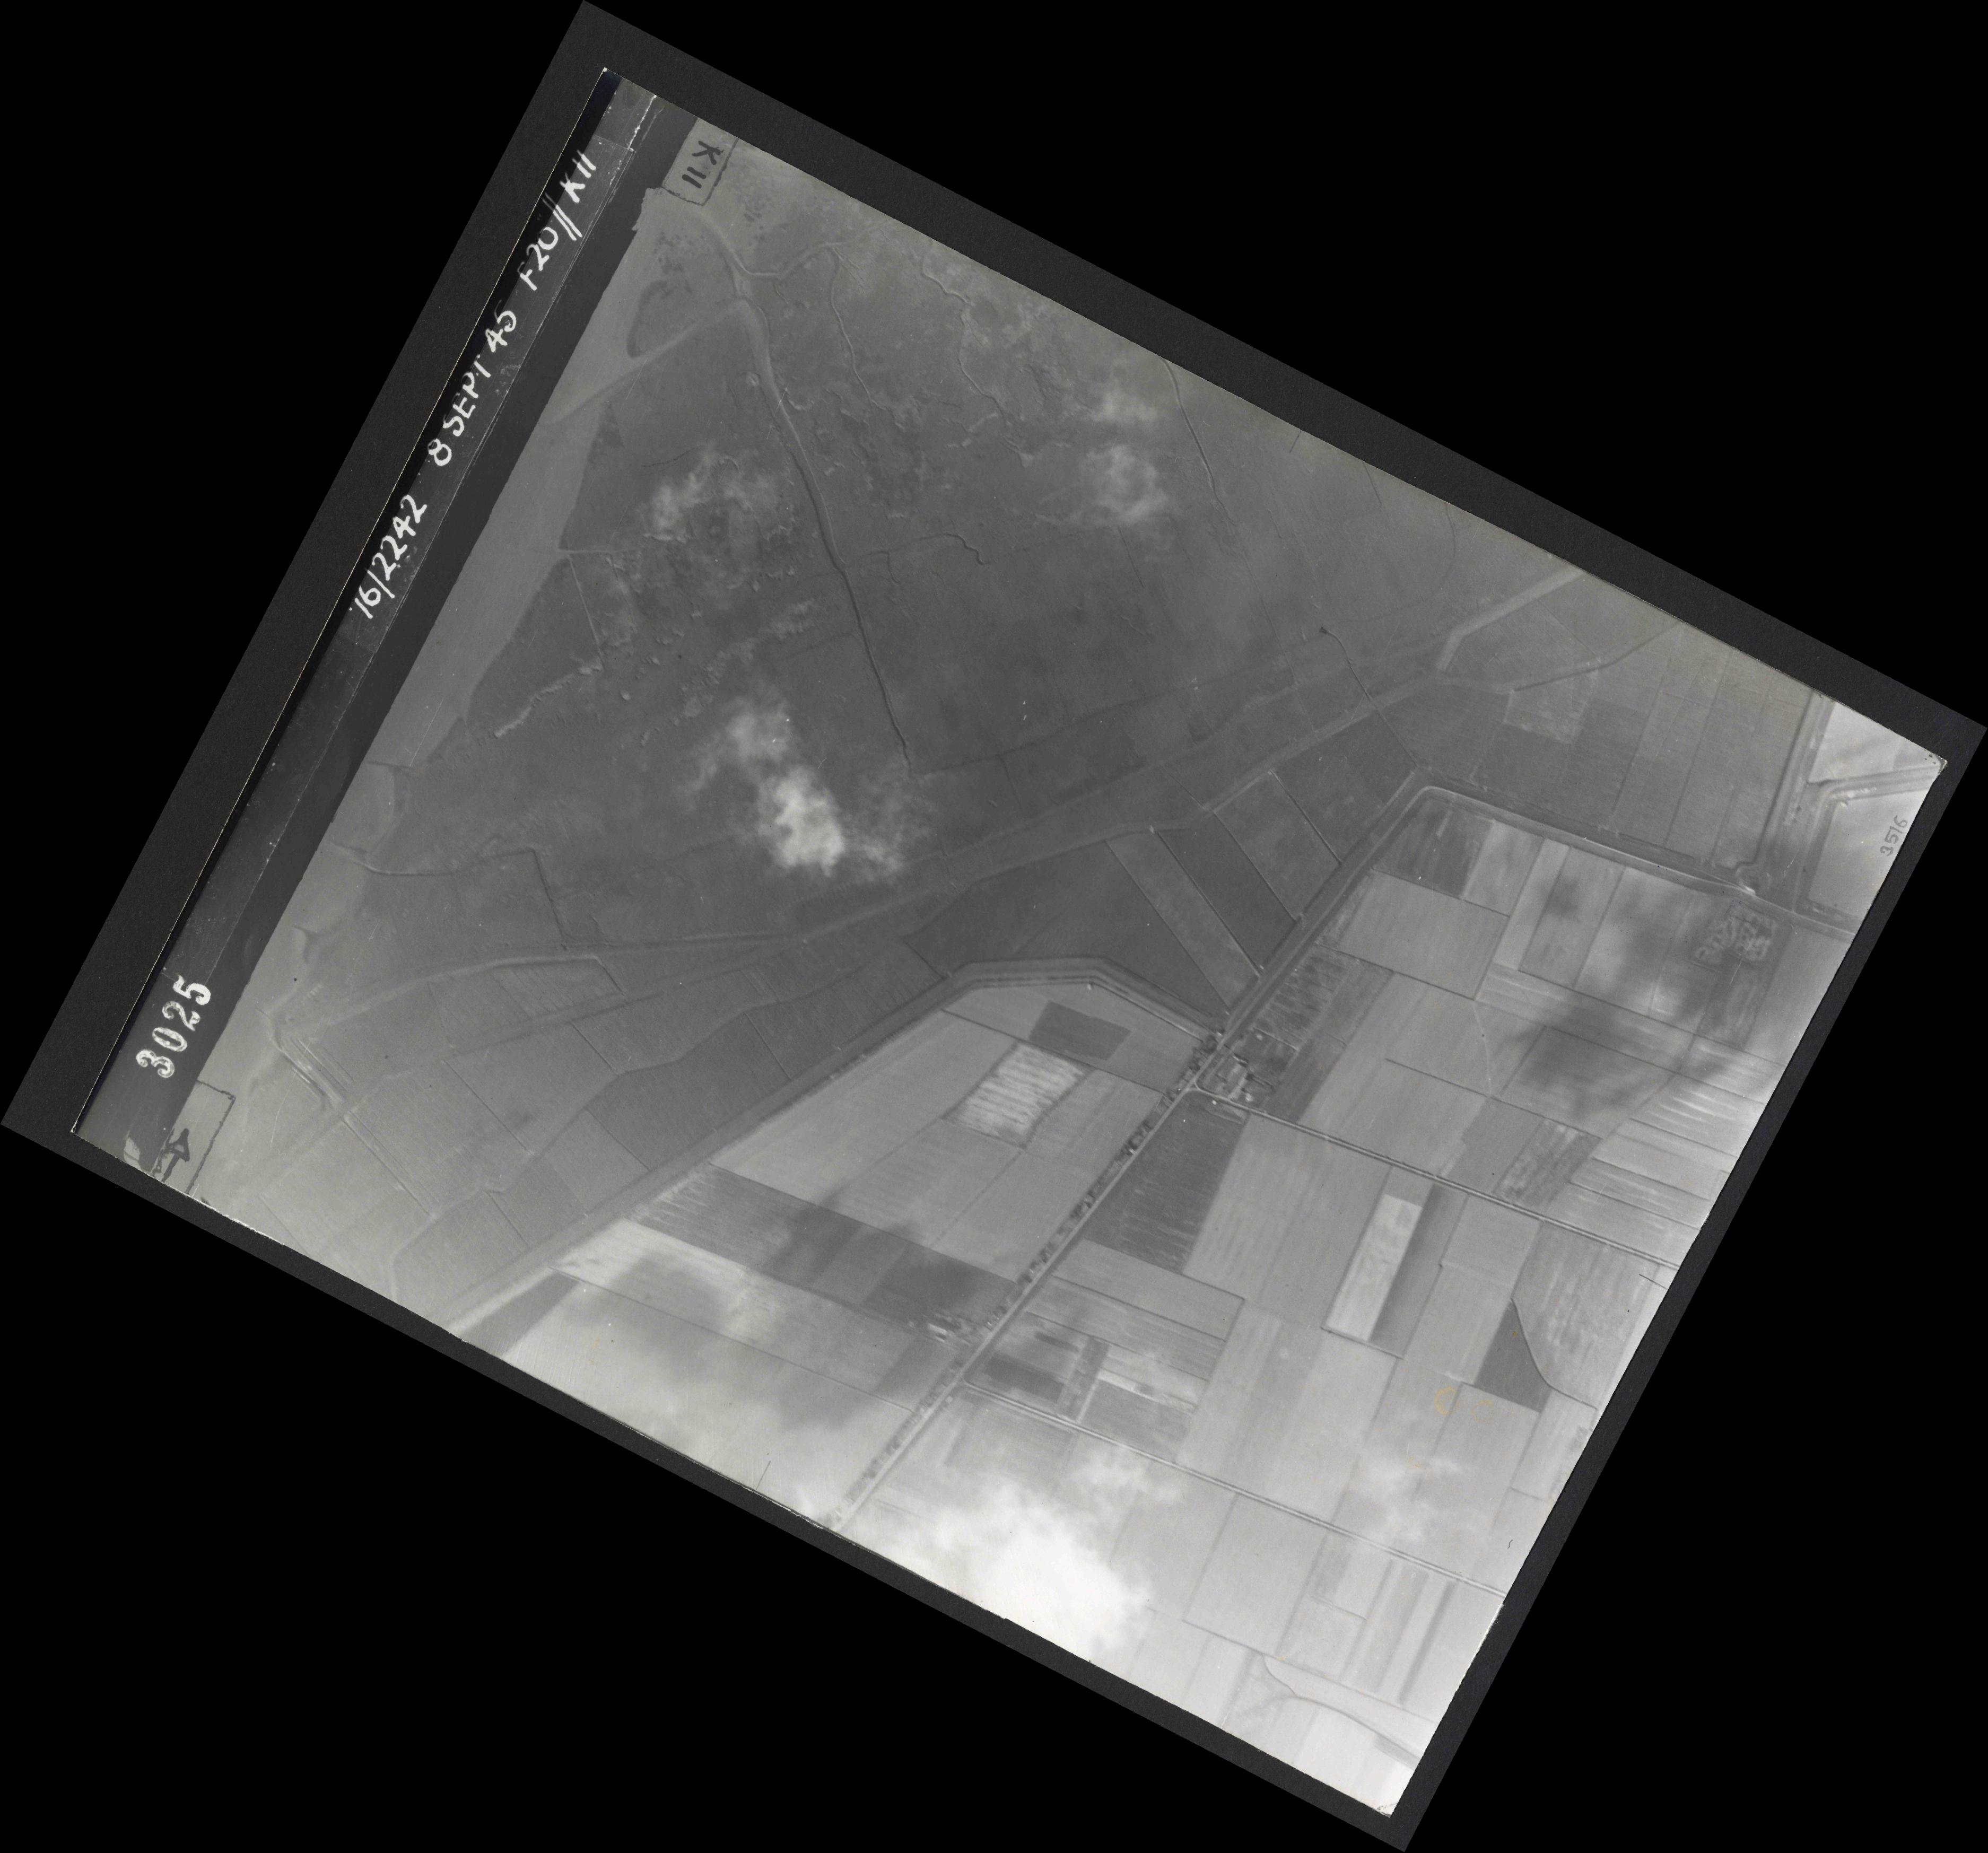 Collection RAF aerial photos 1940-1945 - flight 036, run 12, photo 3025